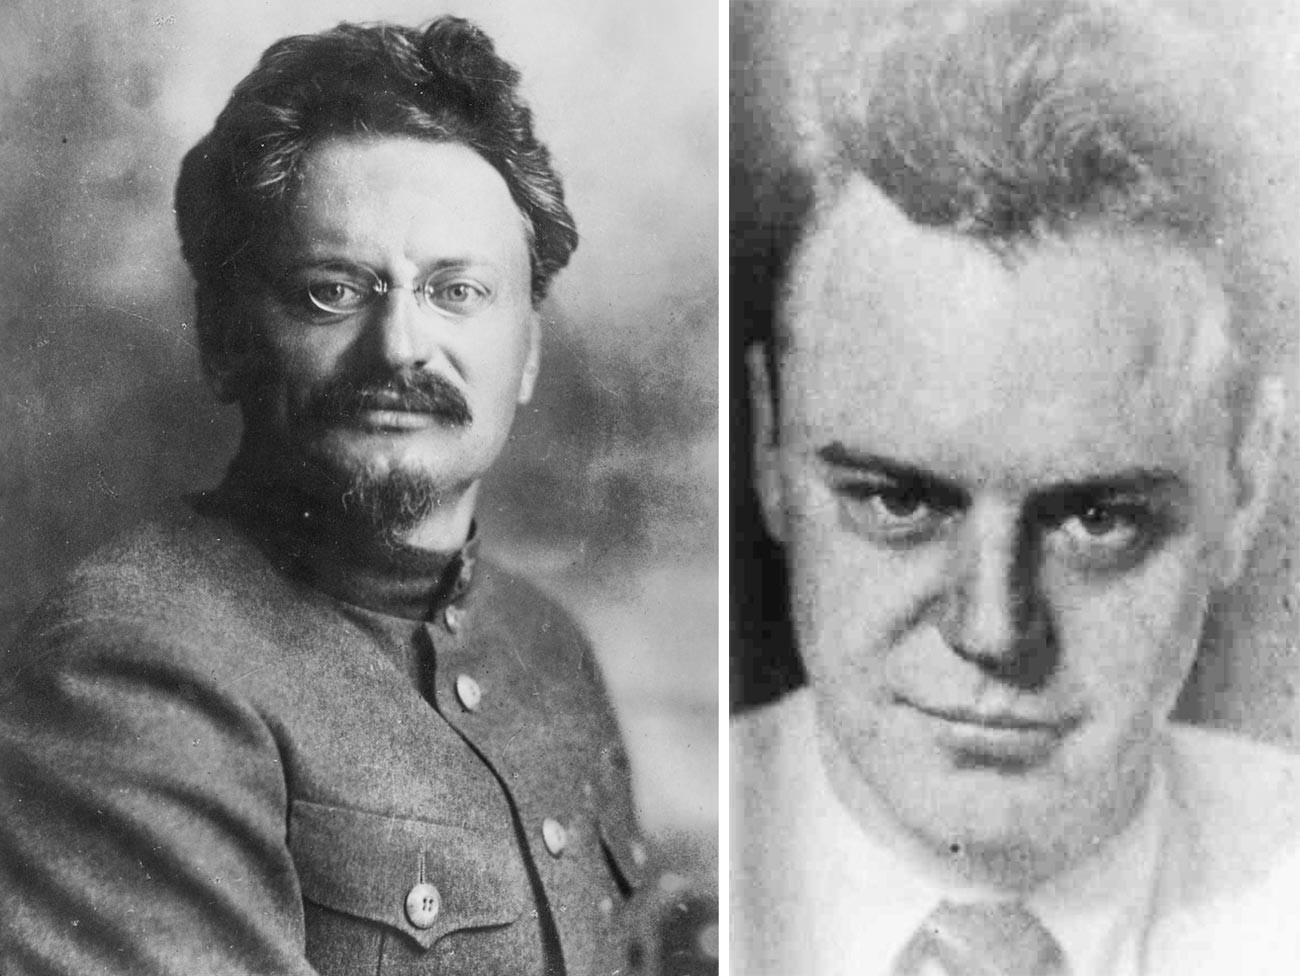 A destra: Lev Sedov, il figlio del principale nemico di Stalin, Lev Trotskij (a sinistra)